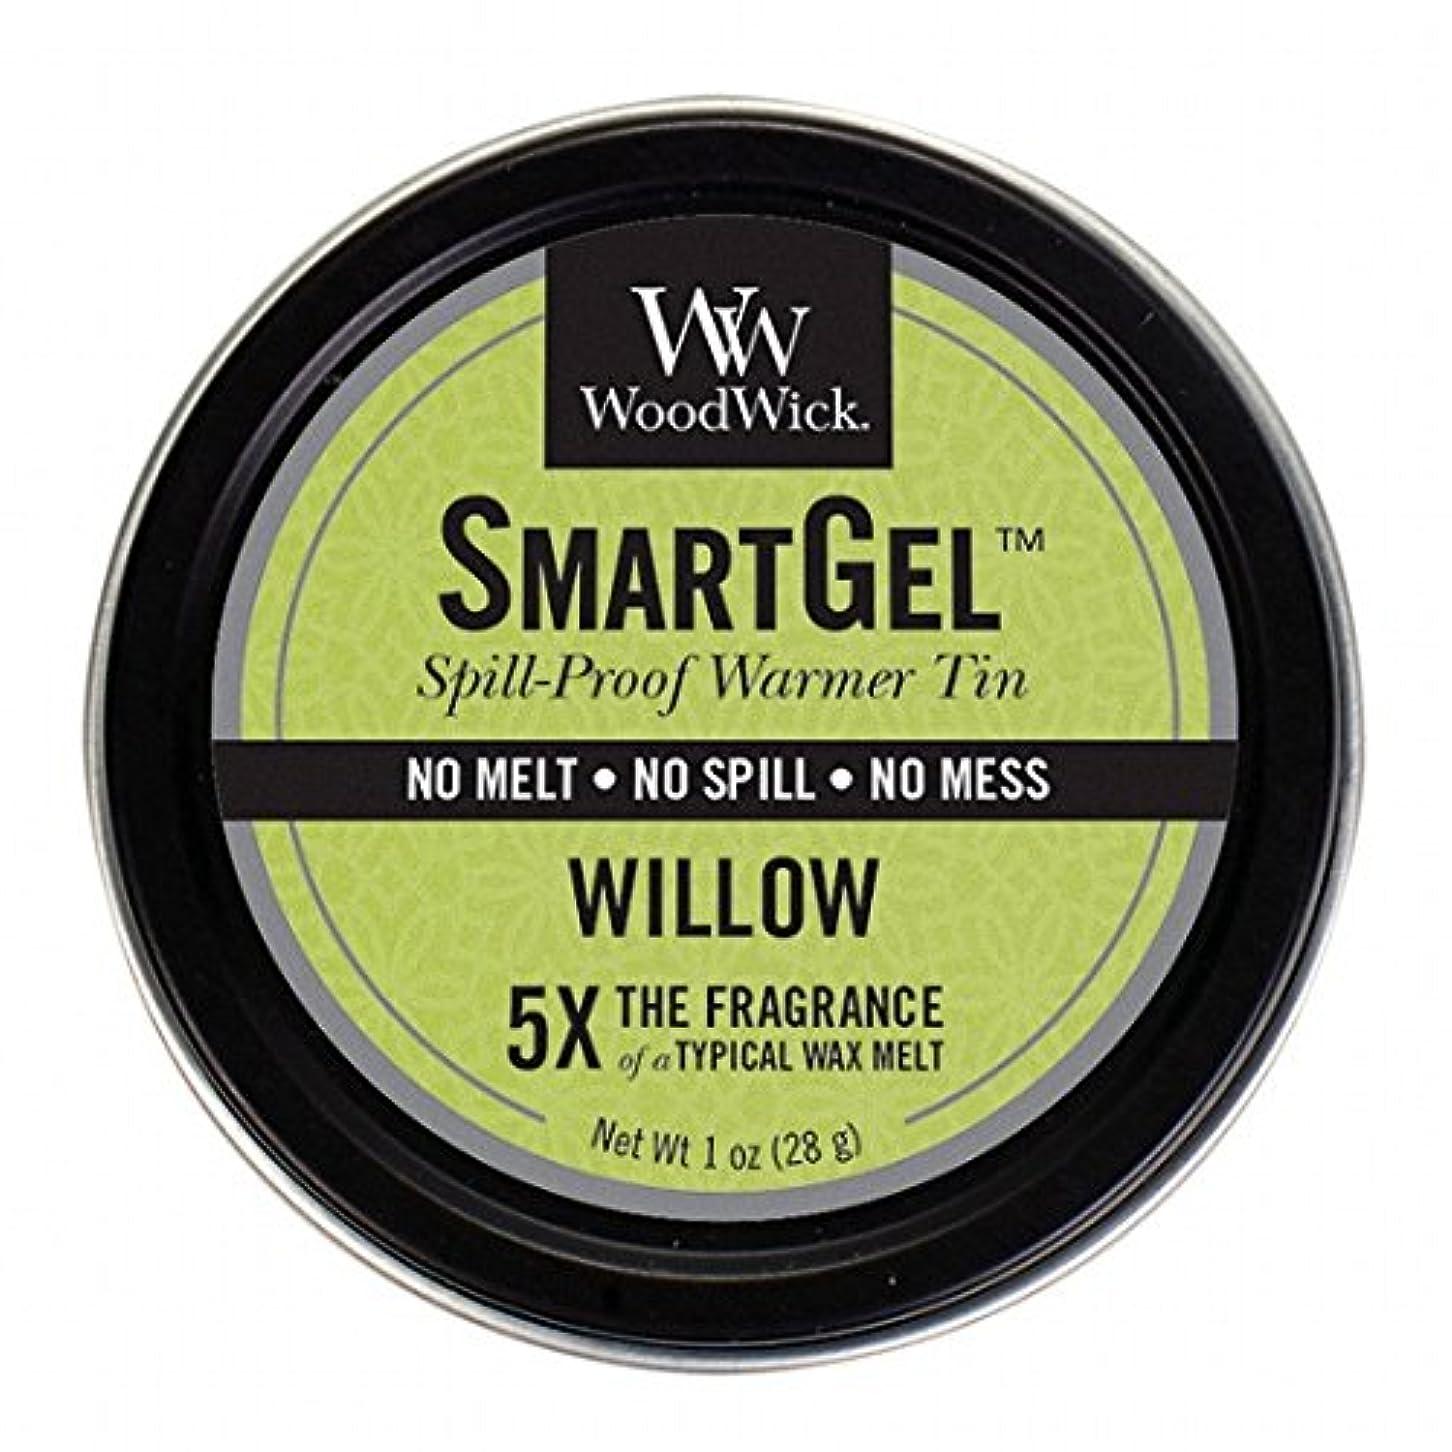 特別に旋律的びっくりしたWoodWick(ウッドウィック) Wood Wickスマートジェル 「 ウィロー 」W9630525(W9630525)